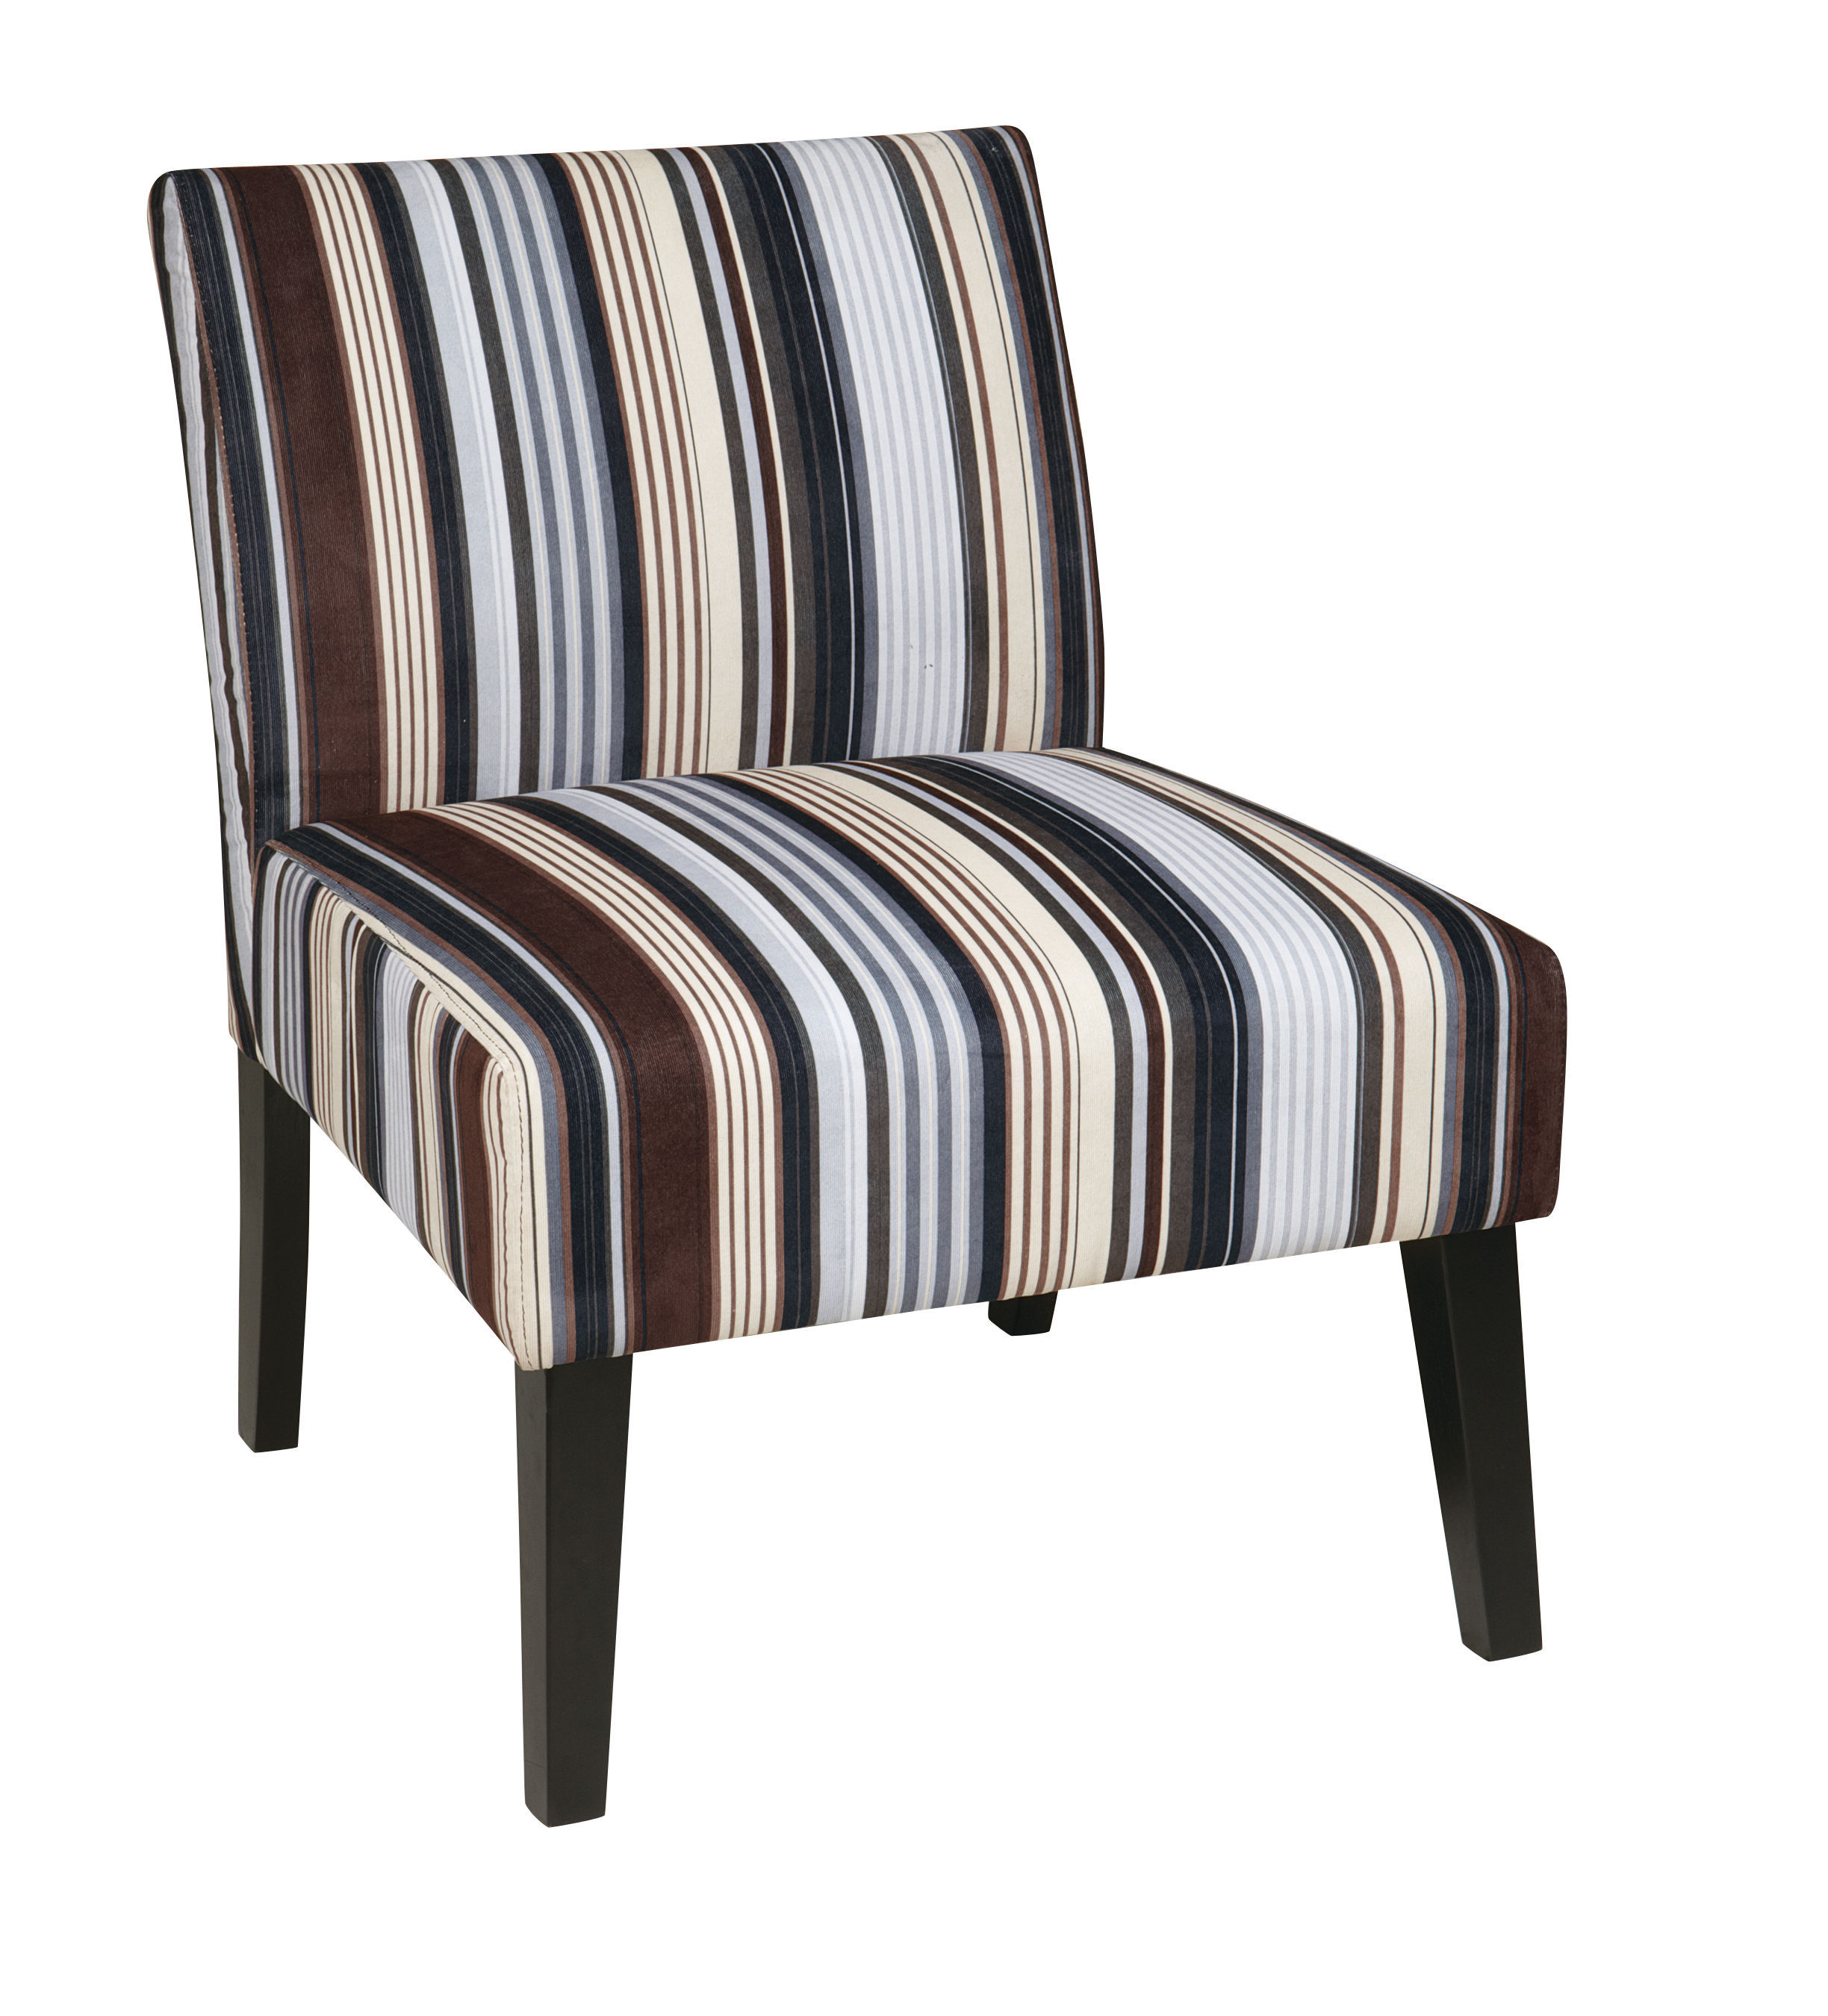 Avenue Six Laguna Chair